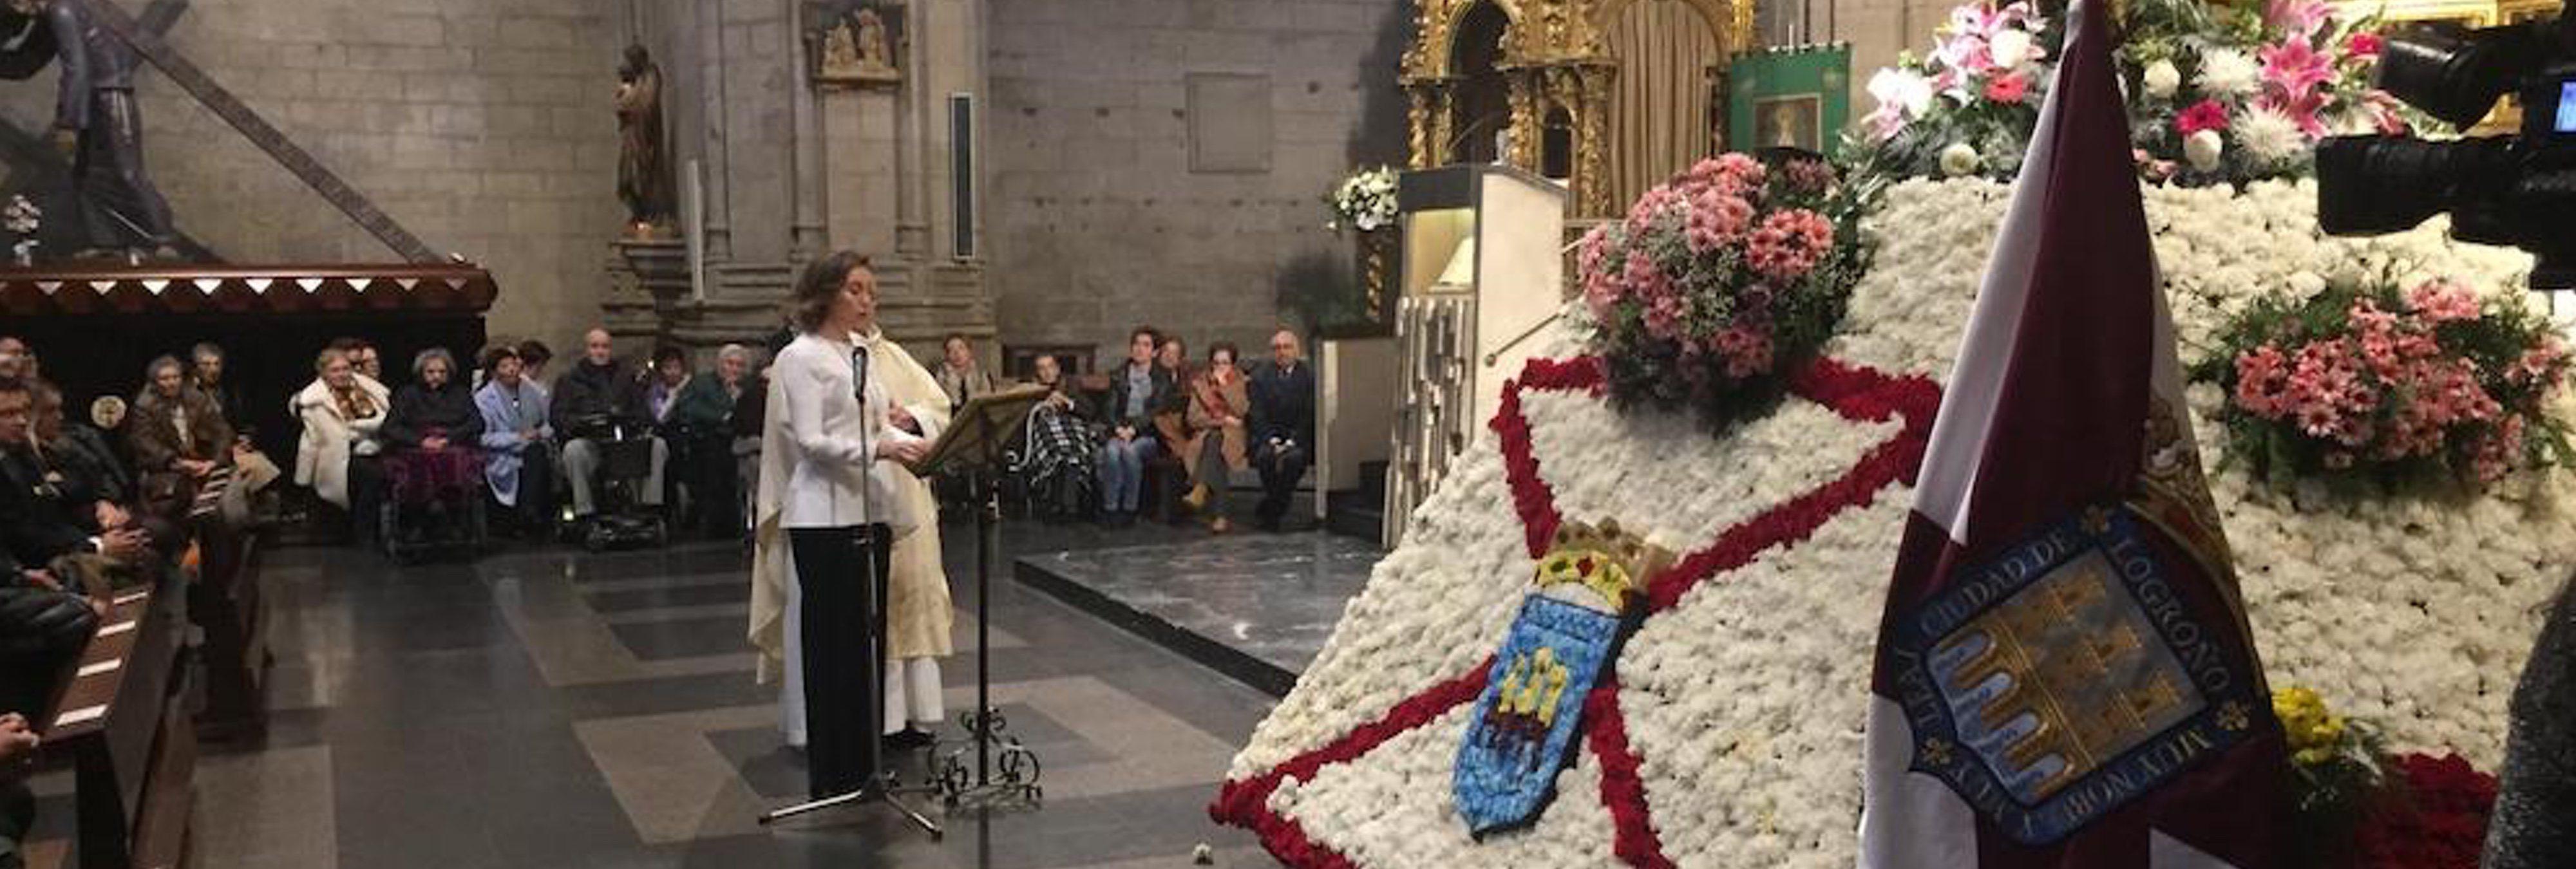 El PP se encomienda a la Virgen para erradicar la violencia machista